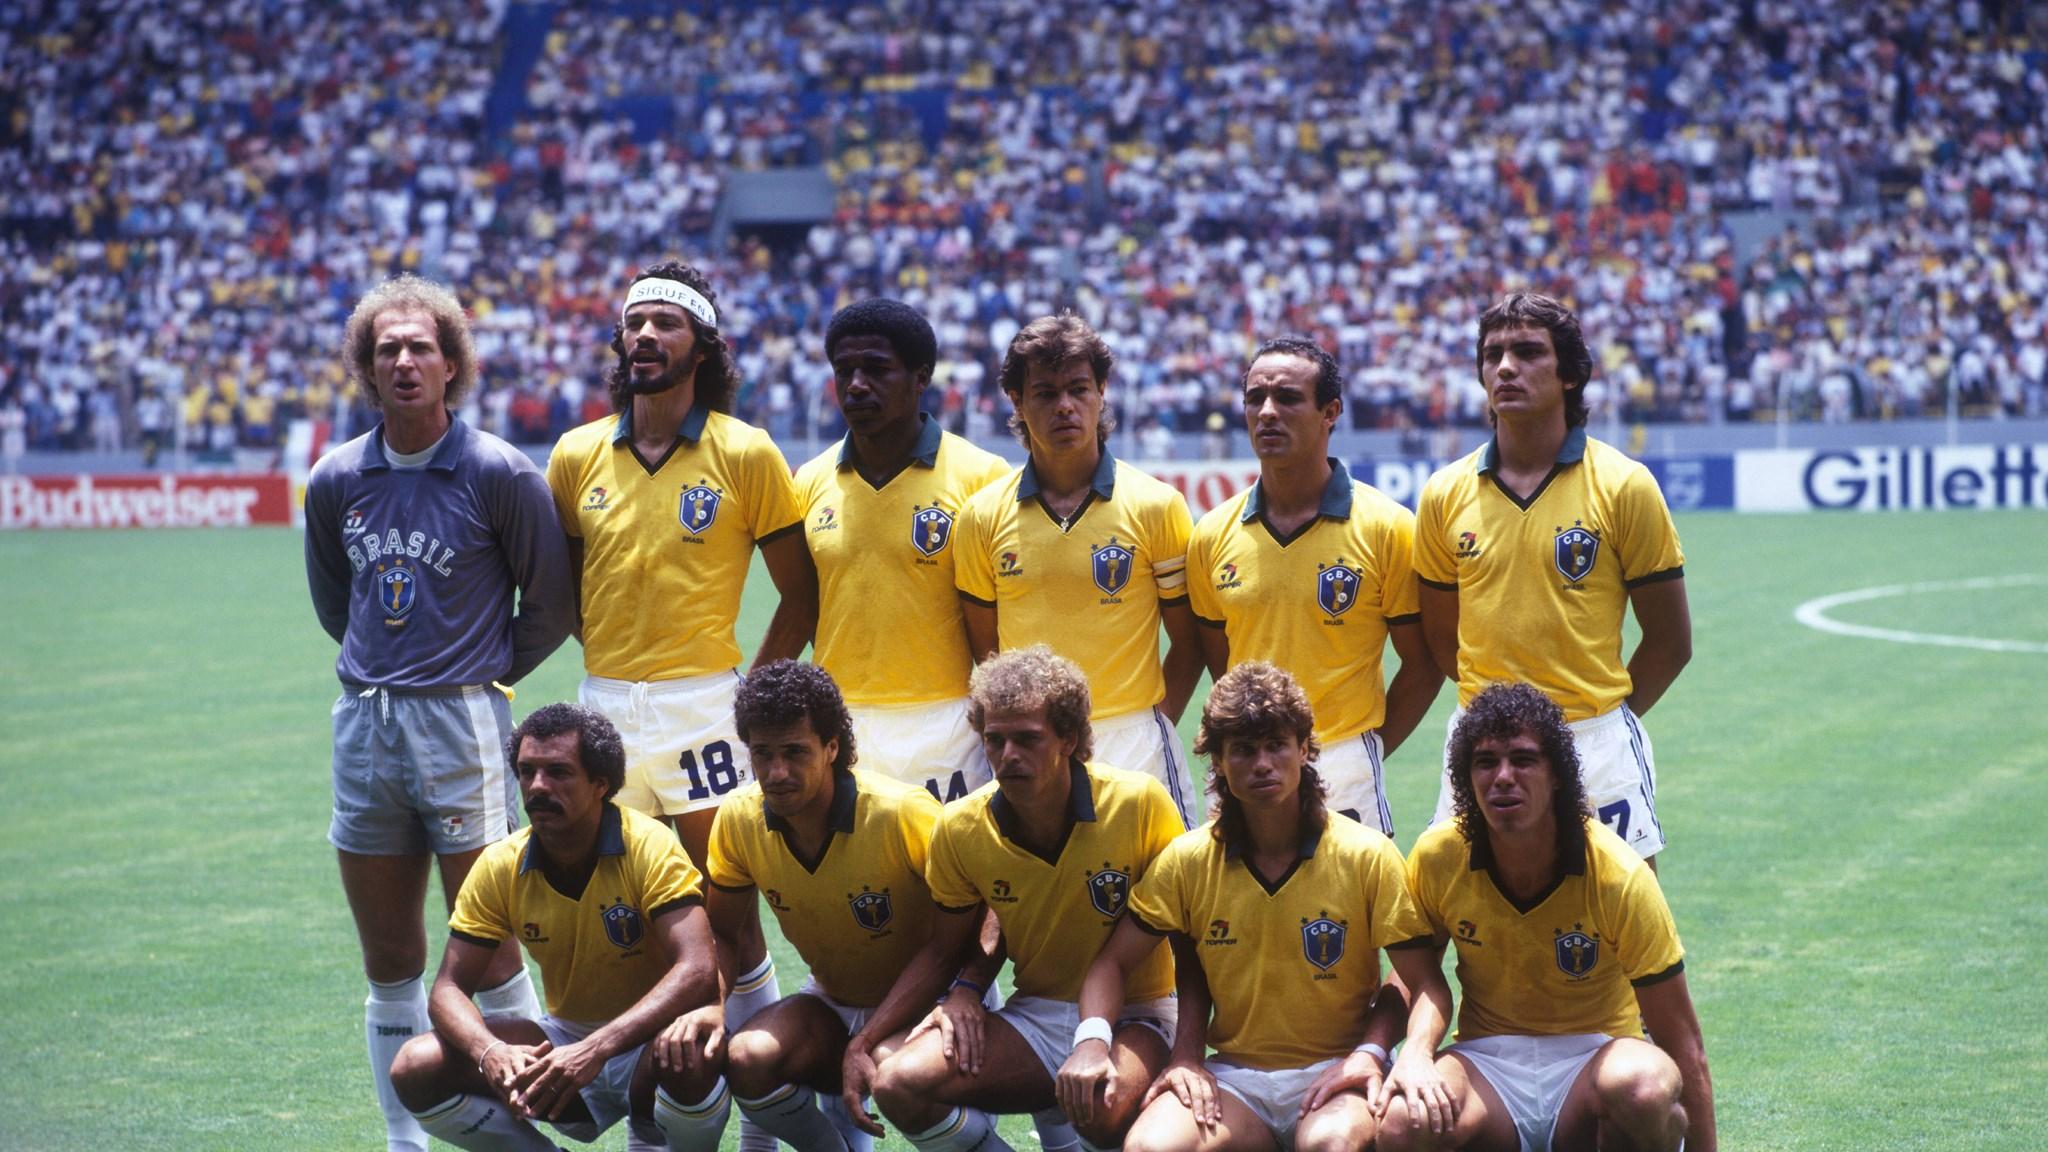 Il Brasile all'esordio mondiale - fifamuseum.com